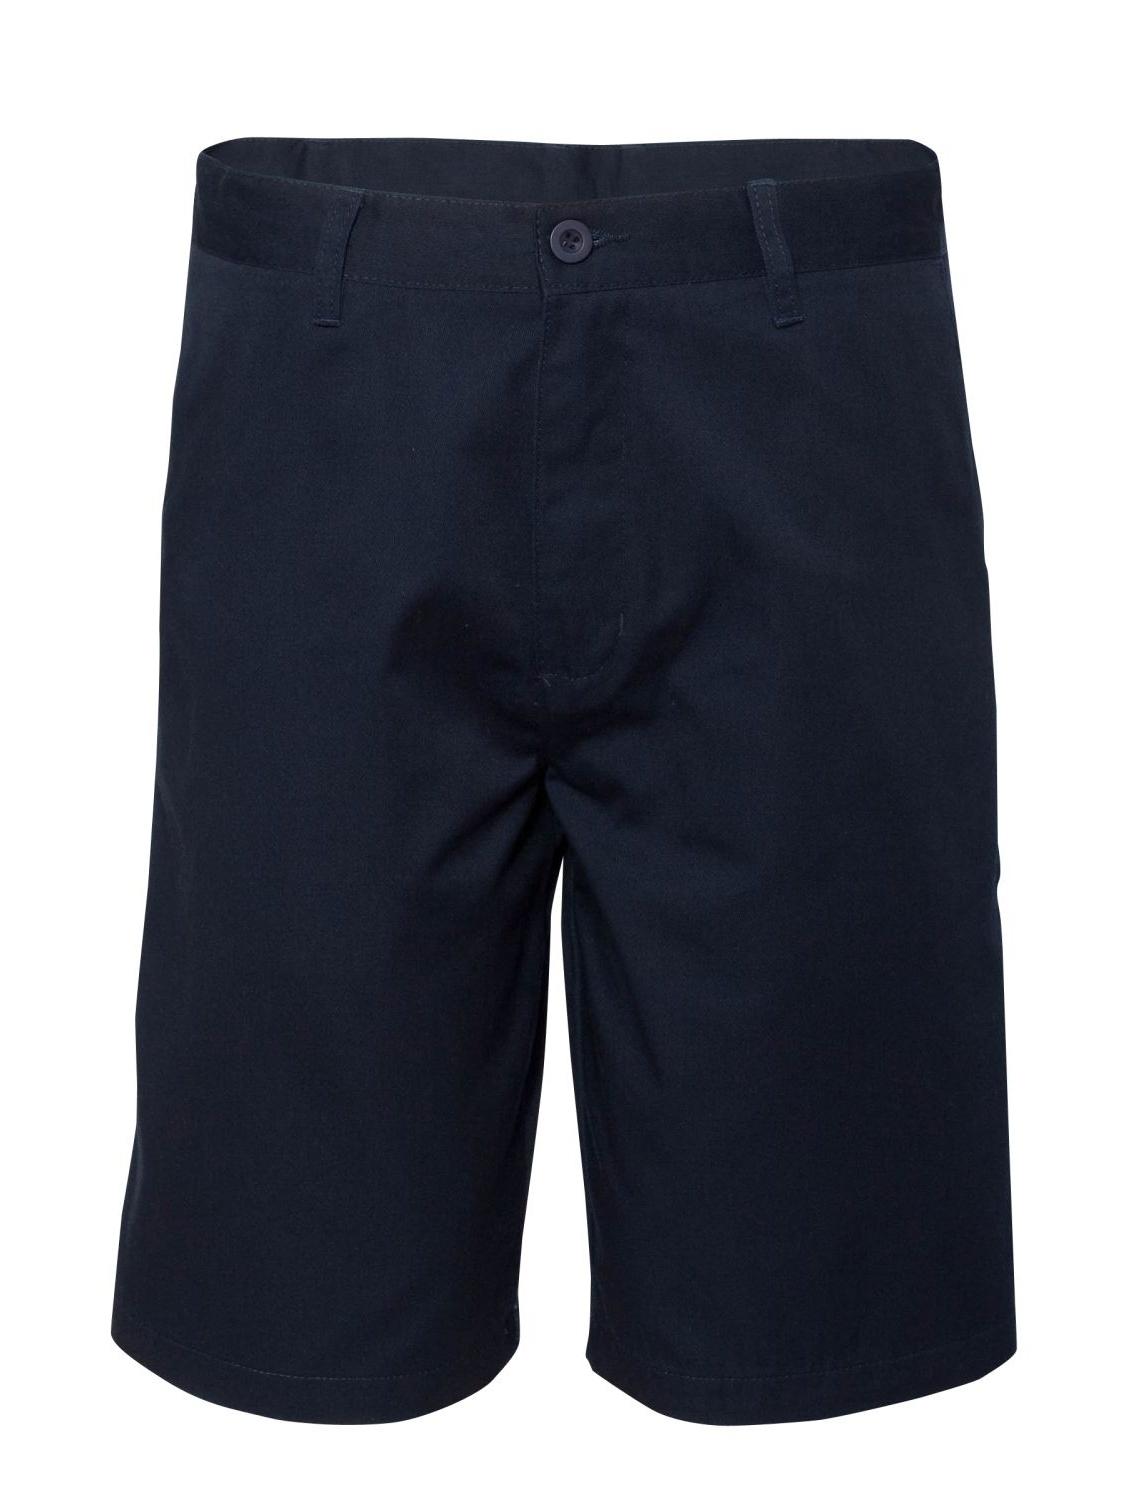 Burnside B9860 Chino Shorts